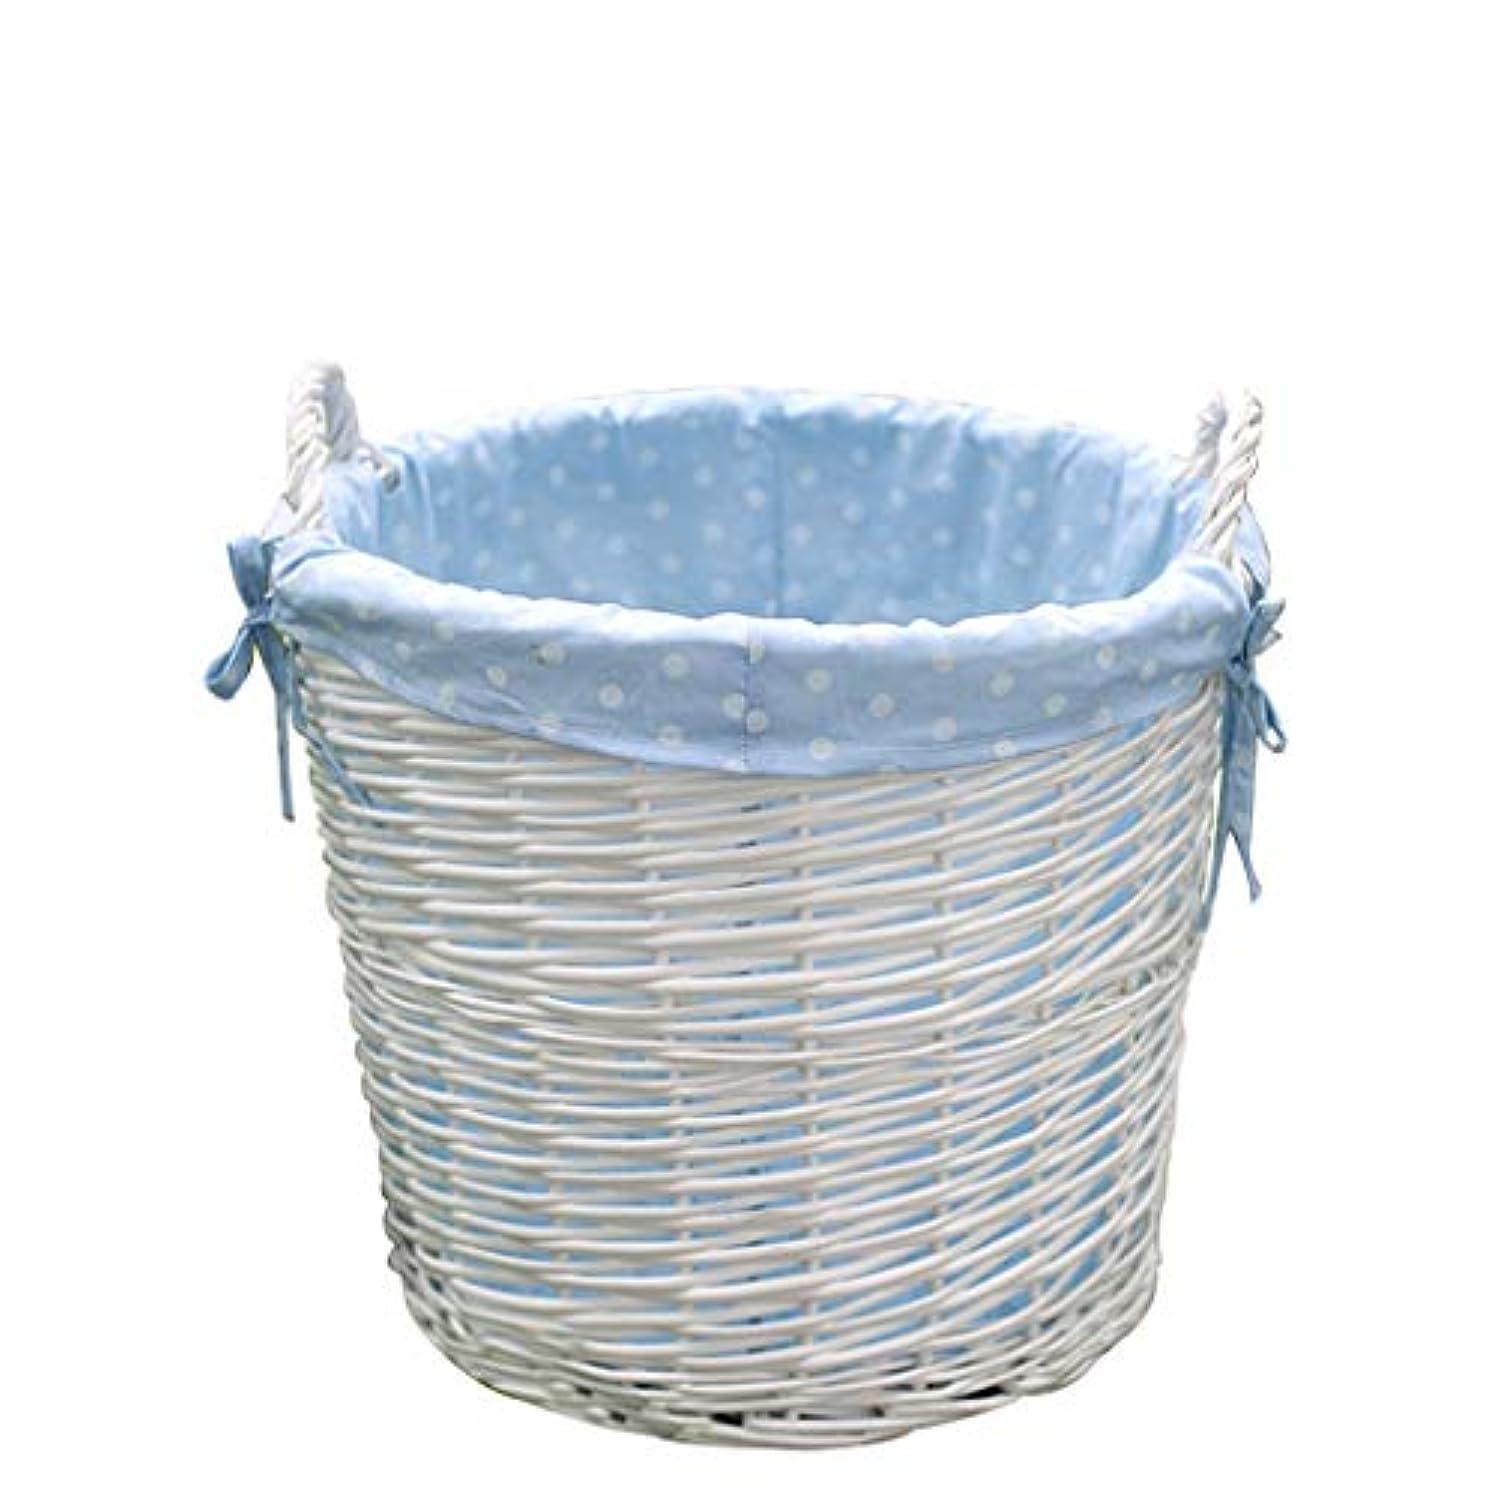 届けるカナダサンダルQYSZYG 枝編み細工品収納バスケットバレルダンパー洗濯かご、白手作り、3サイズ 収納バスケット (サイズ さいず : 35*36cm)